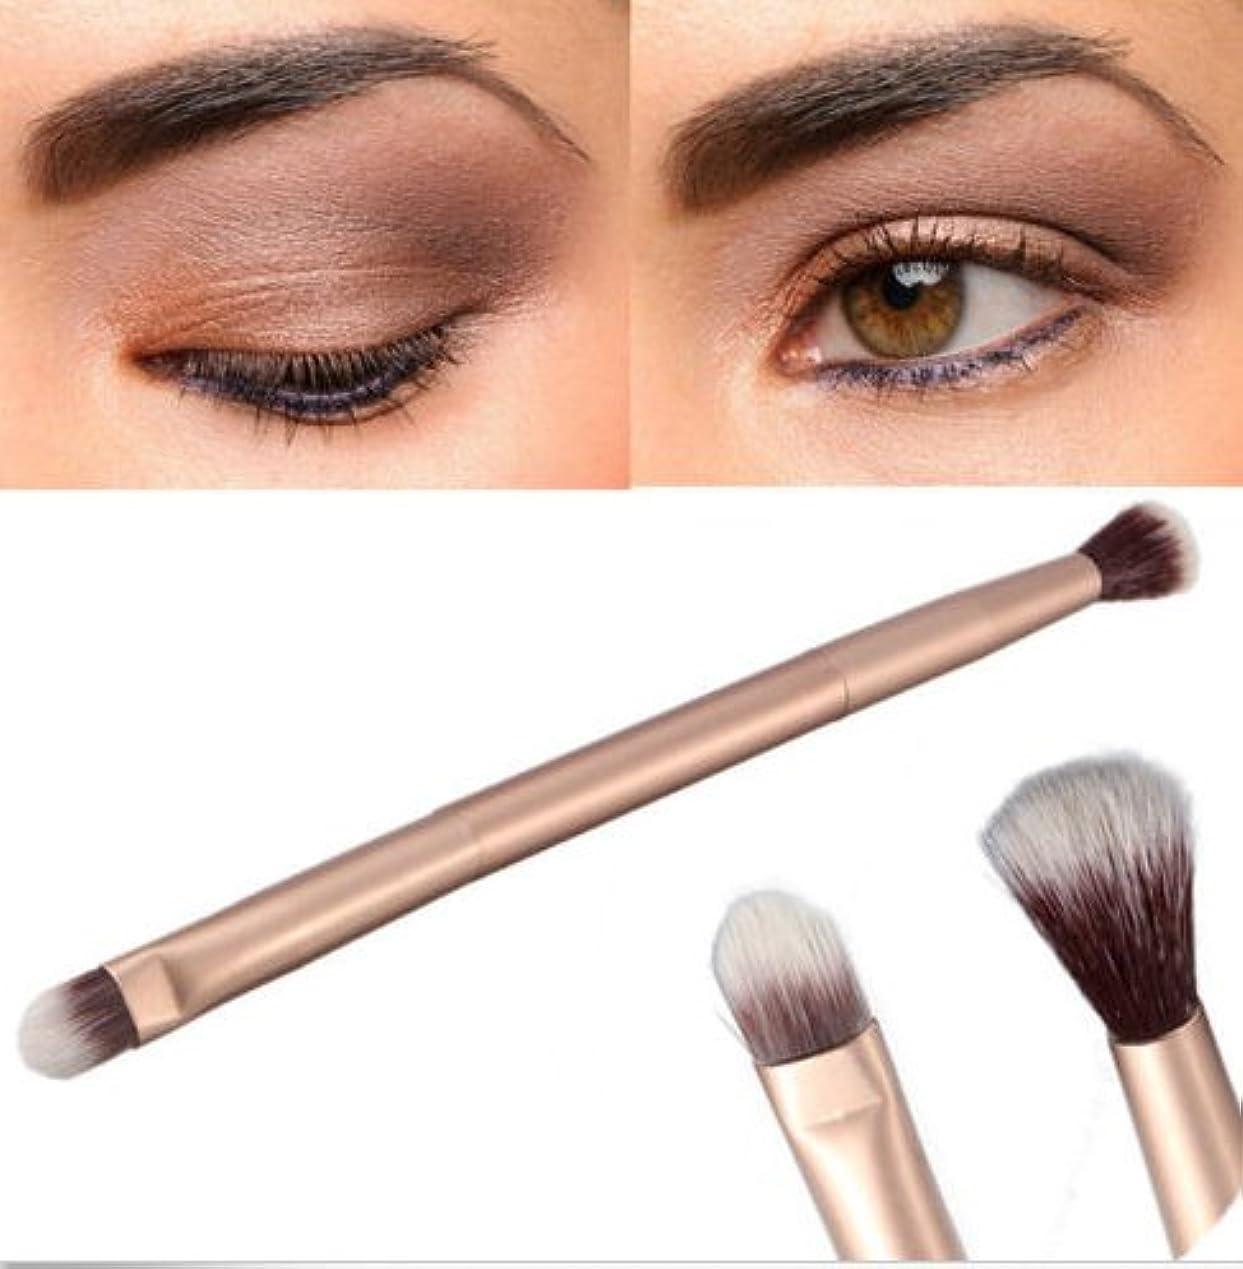 相手アジア人外出2 in 1 One Makeup Eye Powder Foundation Eyeshadow Blending Double-Ended Brush Pen 2in1ワンメイクアップアイパウダーファンデーションアイシャドウブレンディングダブルエンドブラシペン